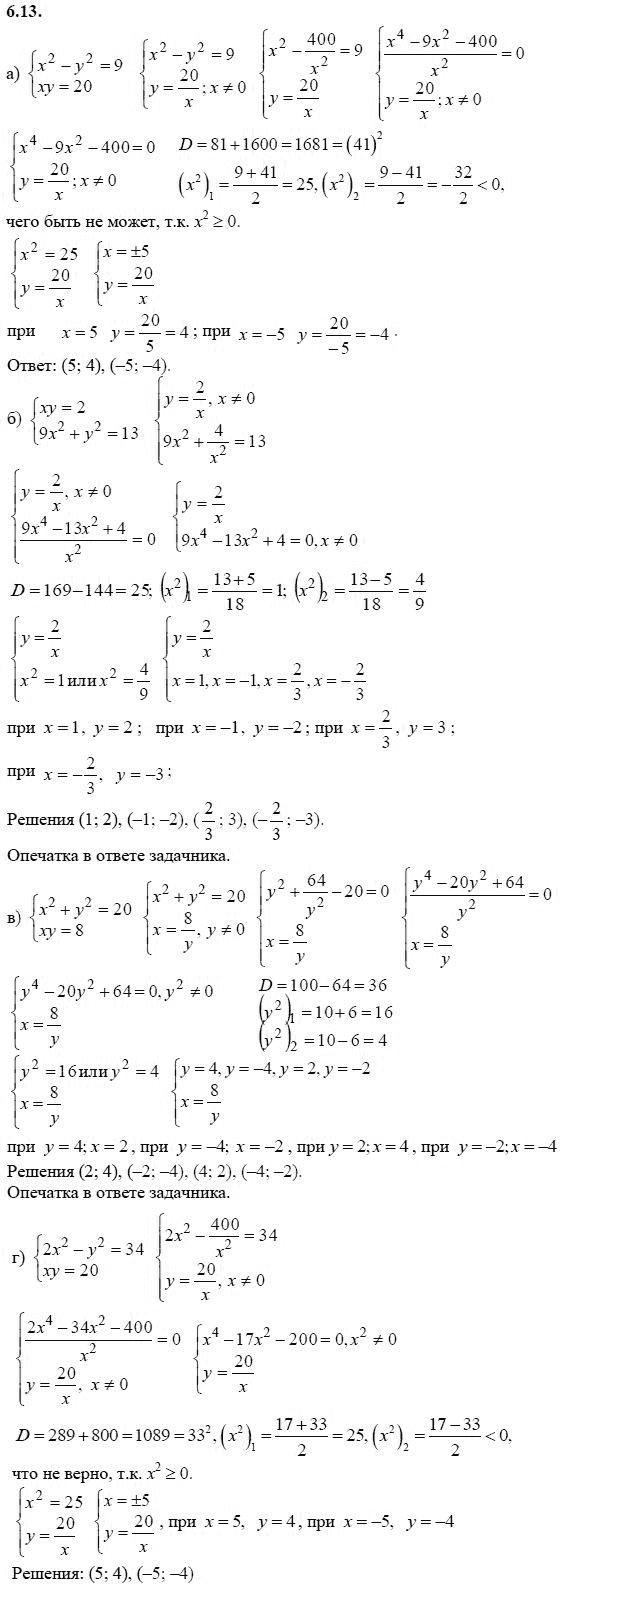 Гдз по алгебре 9 класс макарычев зеленый учебник.